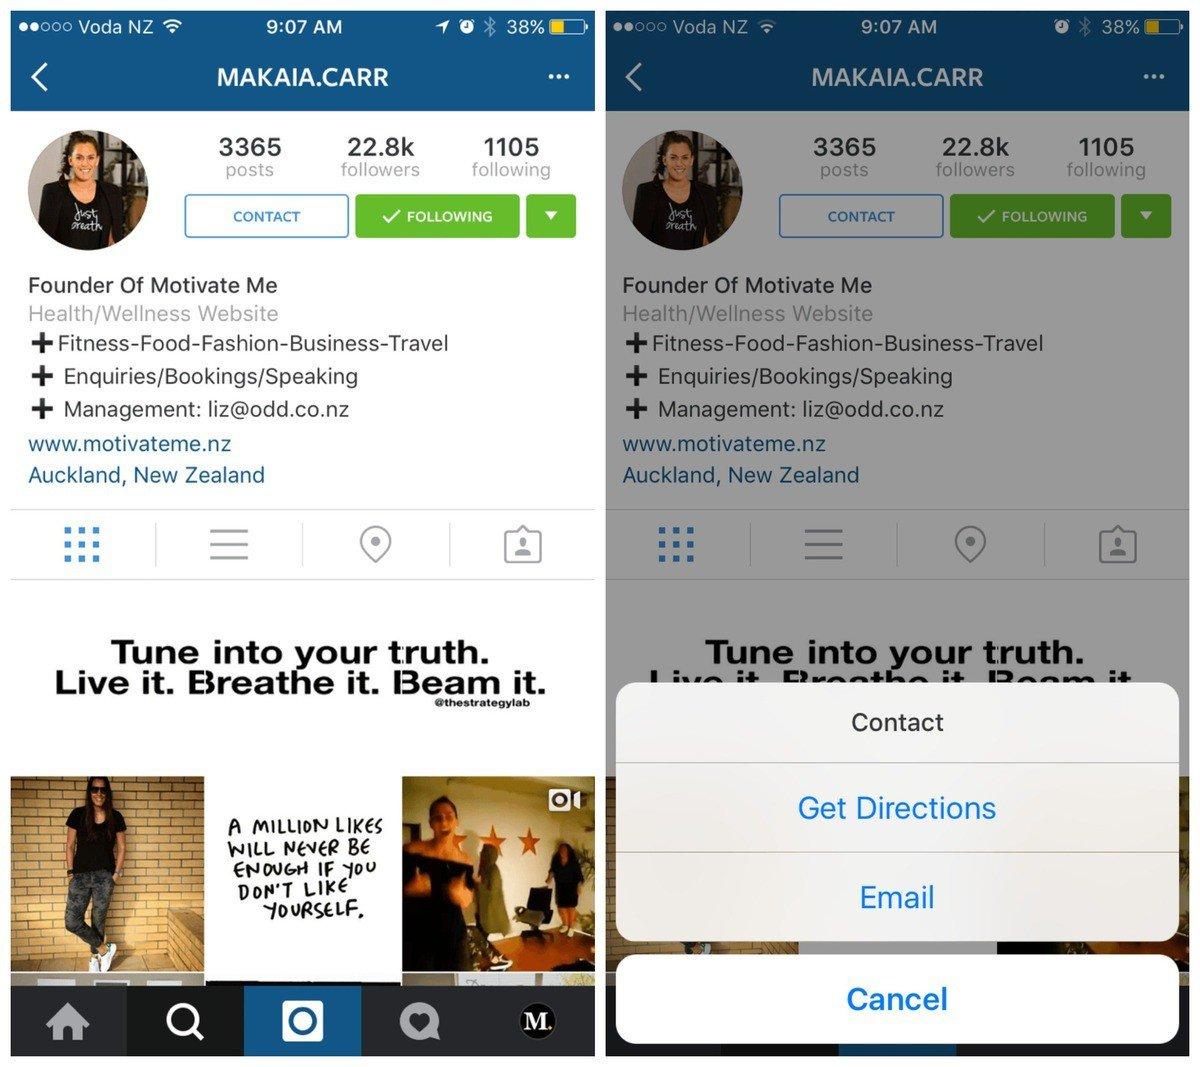 Сеть Instagram тестирует обновленный интерфейс бизнес-аккаунтов